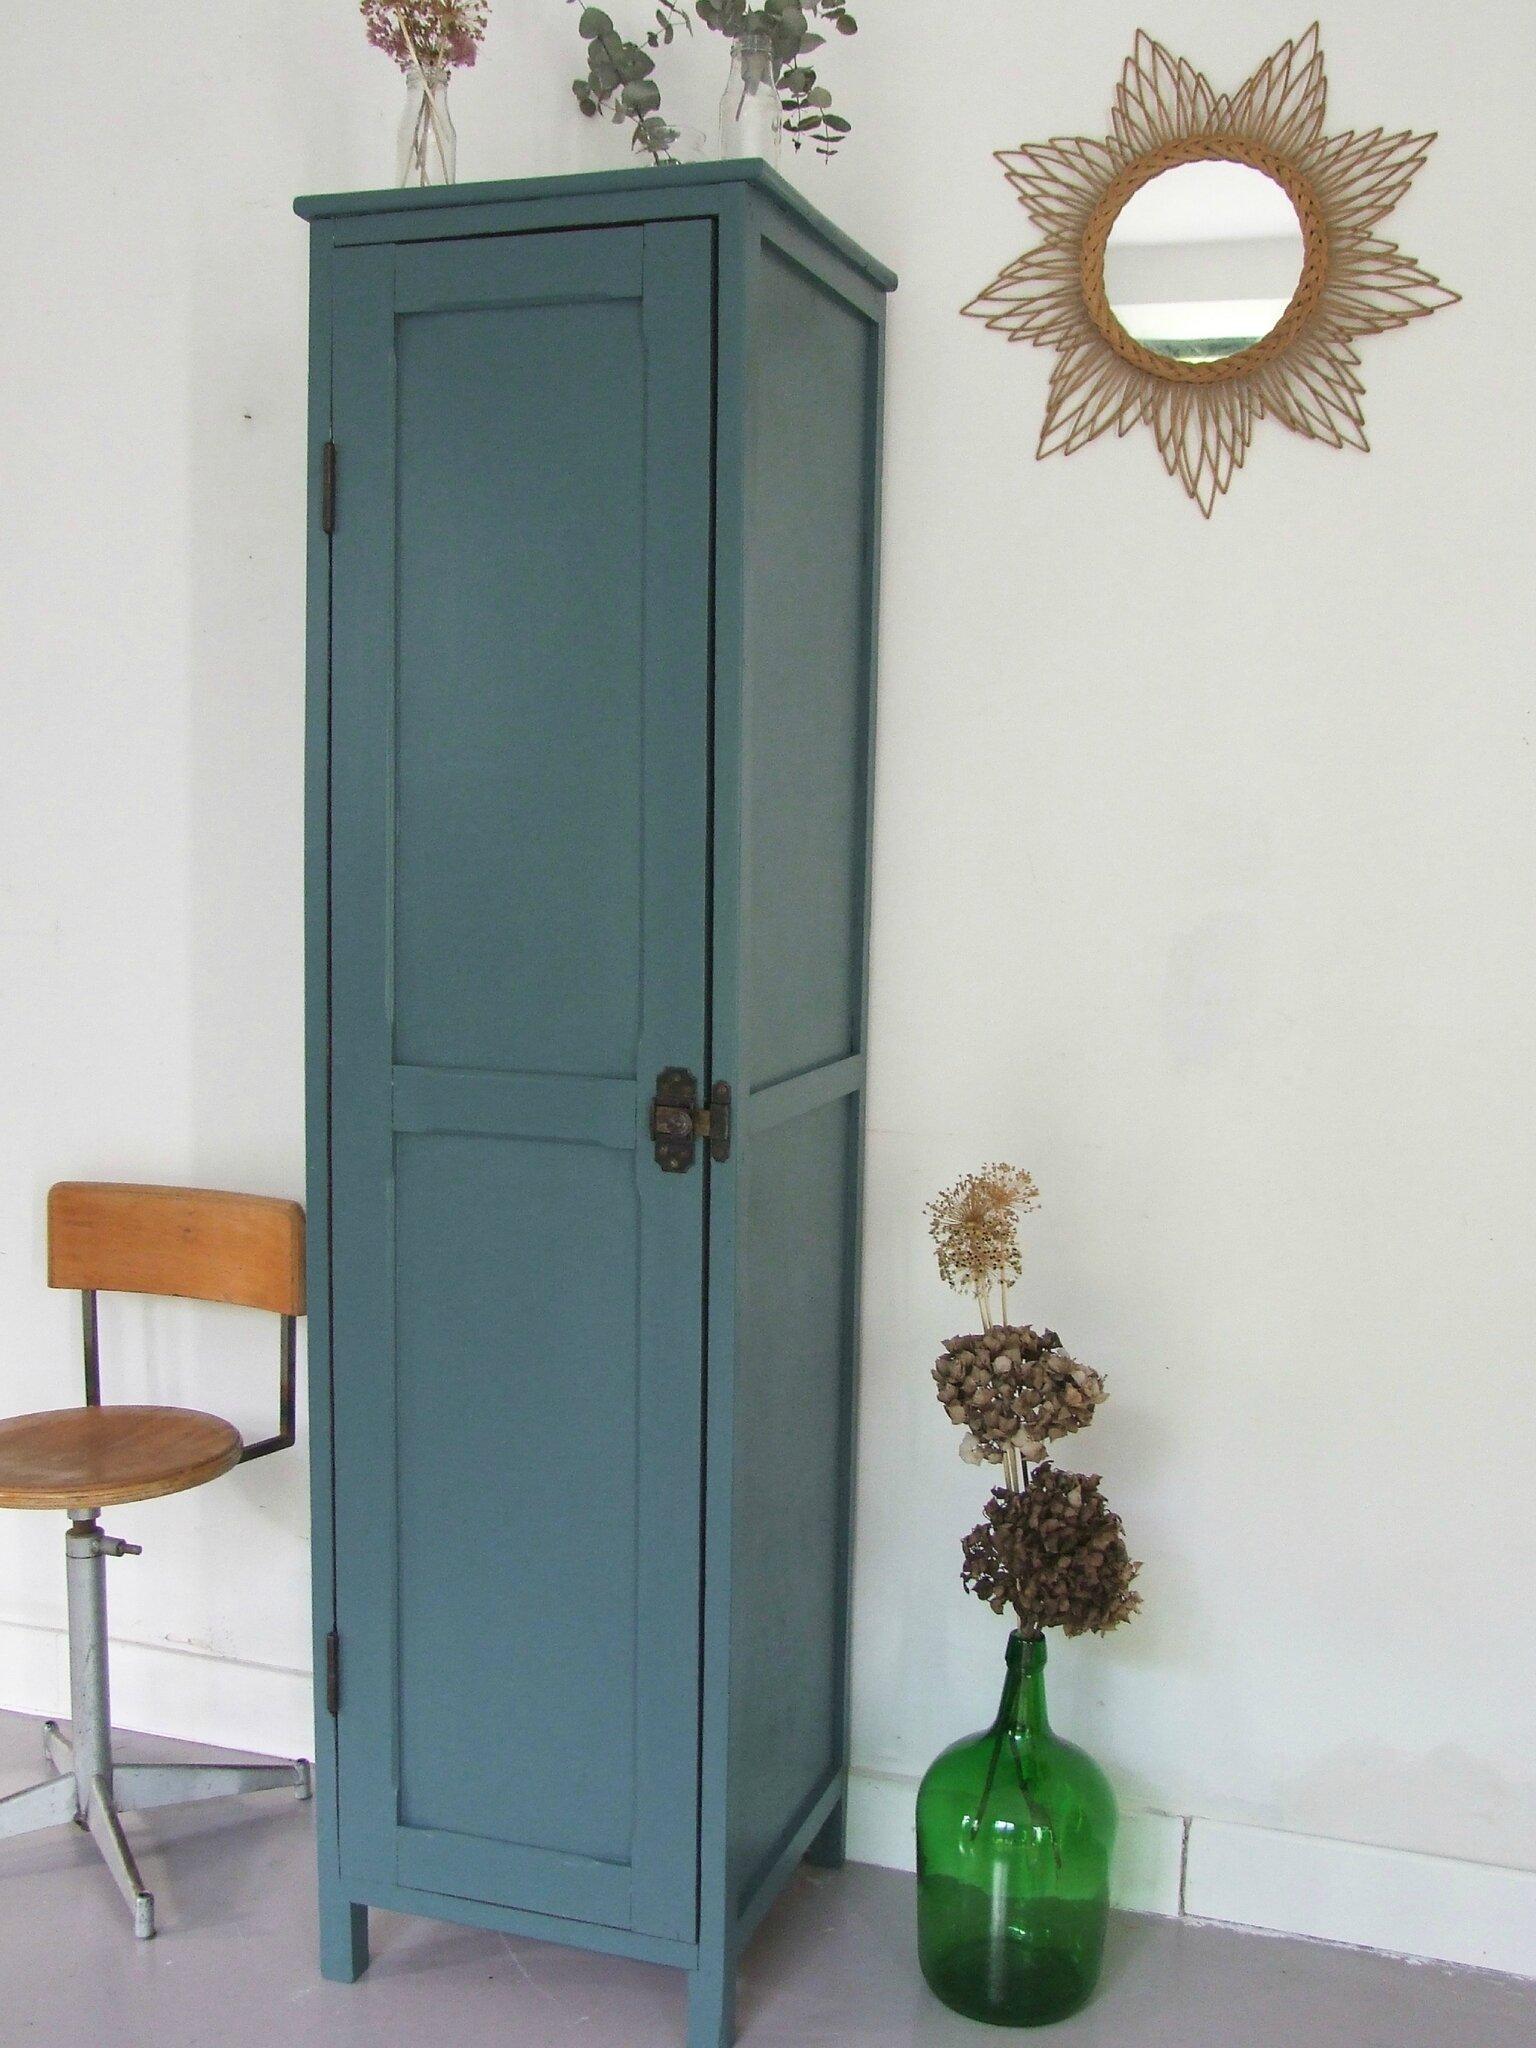 armoire bonneti re vintage bab 39 s meubles vintage pataluna chin s d nich s et d lur s. Black Bedroom Furniture Sets. Home Design Ideas